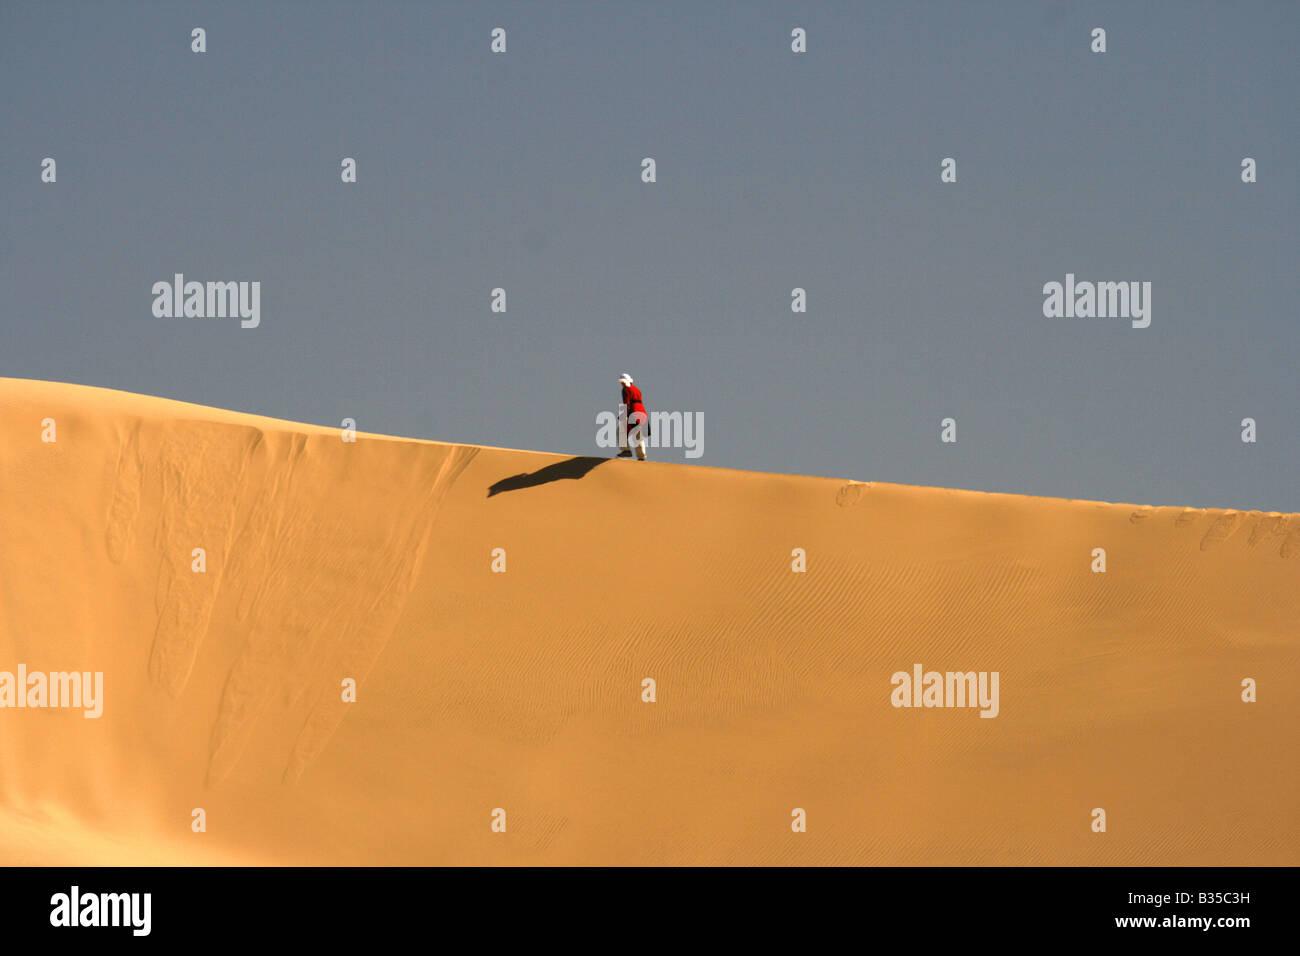 Solitary man walking on a sand dune In Akachaker Tassili Ahaggar Sahara desert Algeria - Stock Image